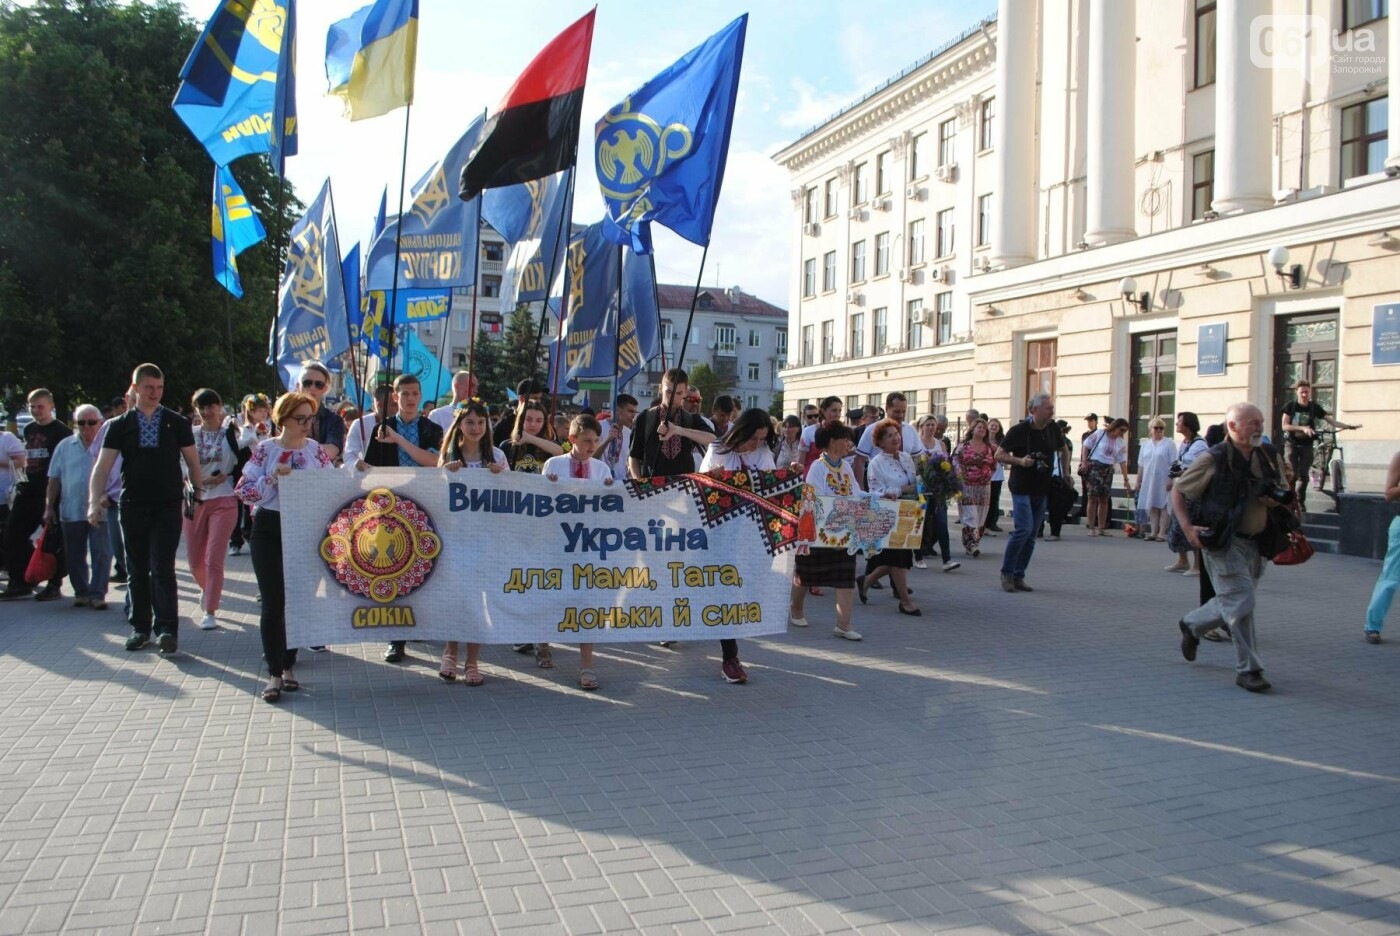 Несколько сотен запорожцев приняли участие в Марше вышиванок, - ФОТОРЕПОРТАЖ, фото-6